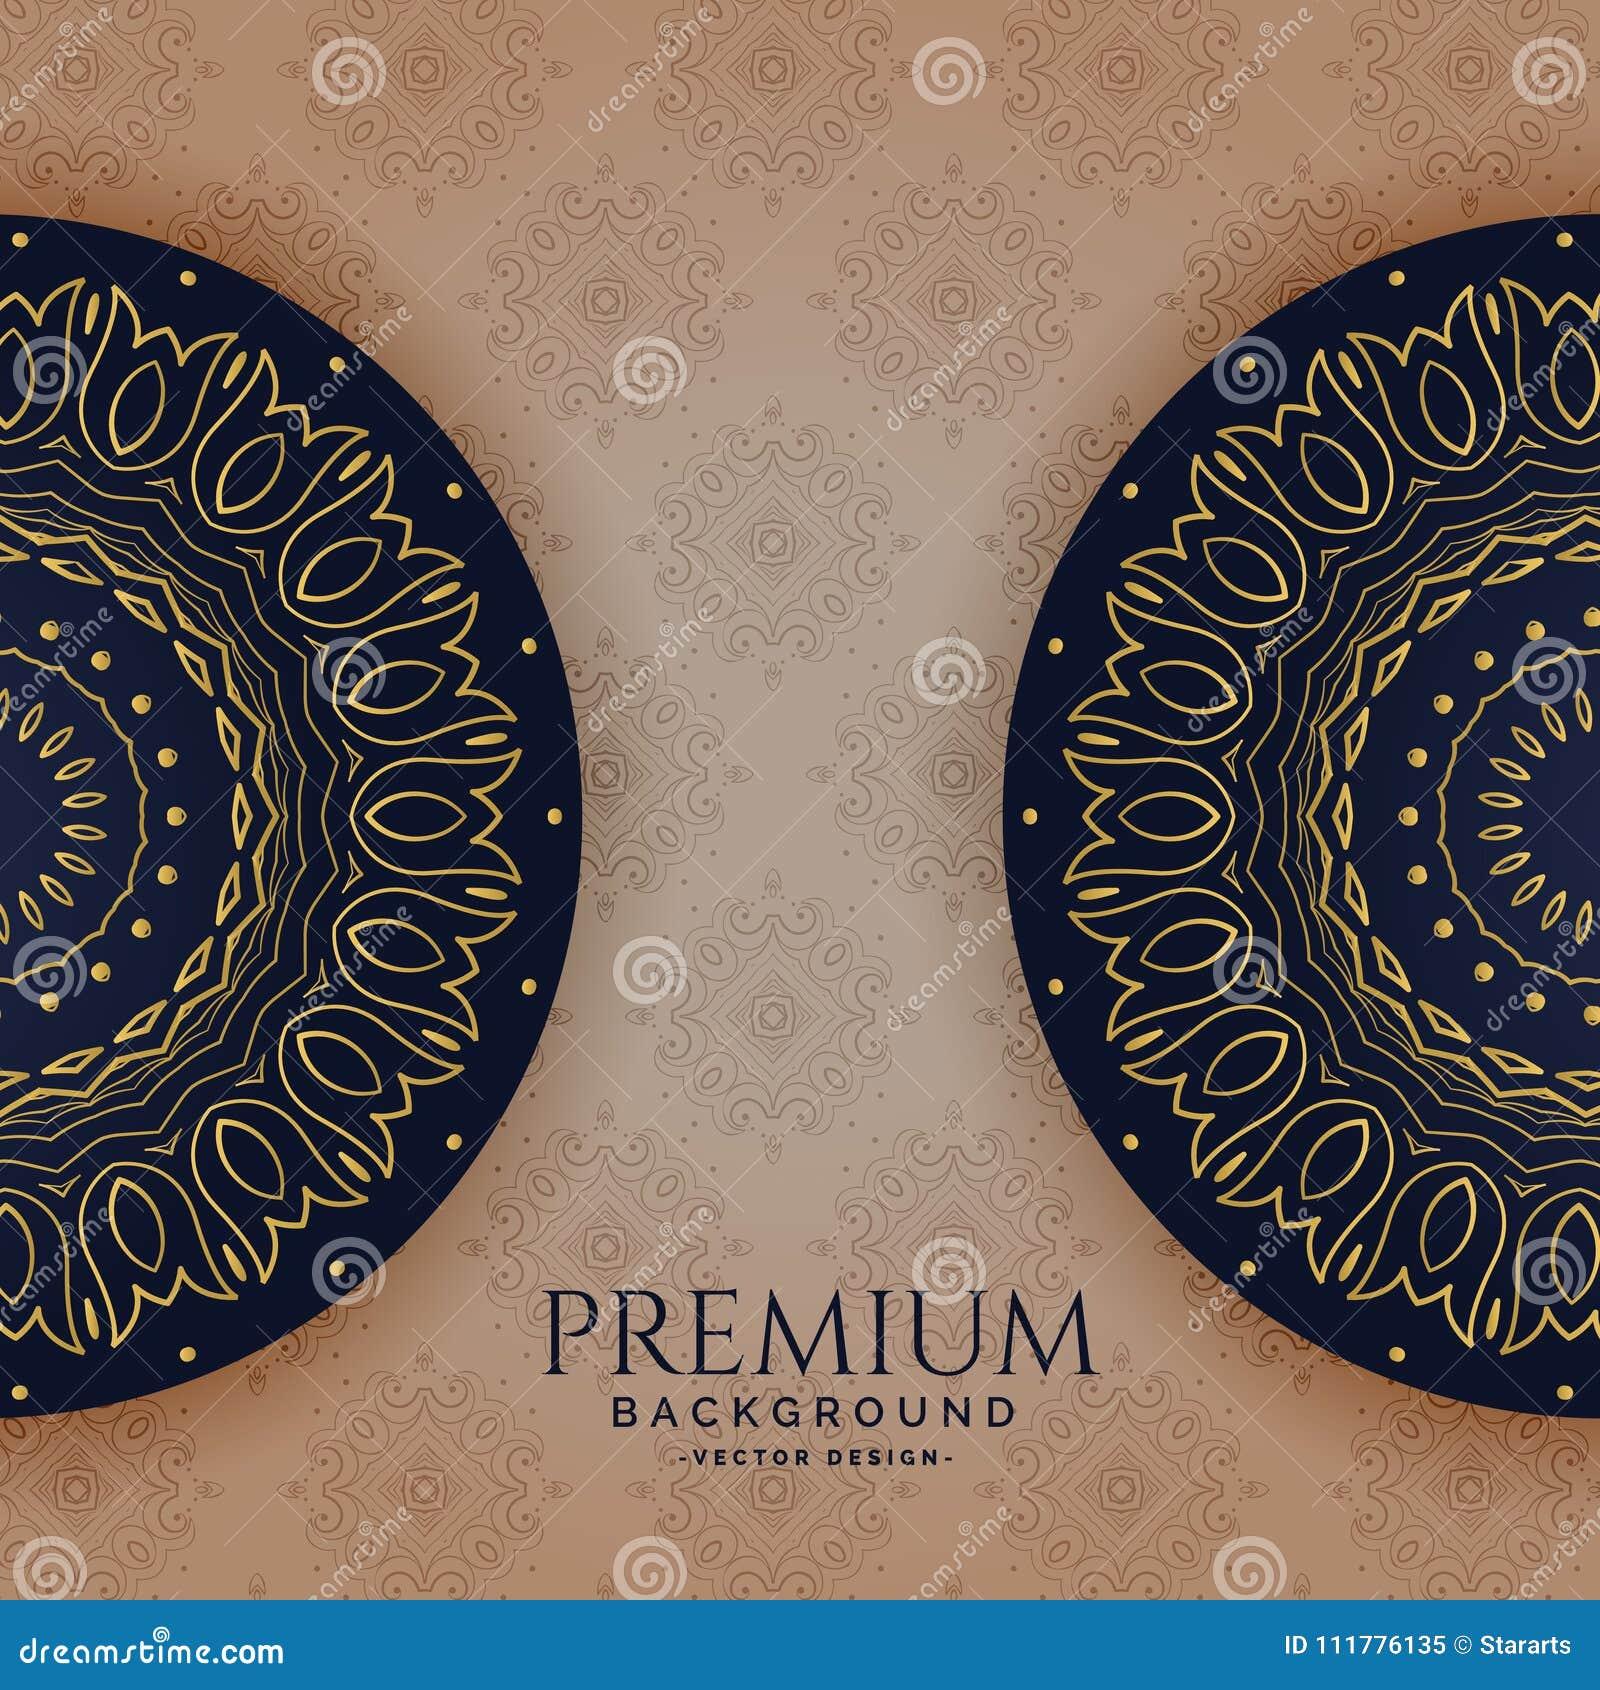 Premium invitation template vector design